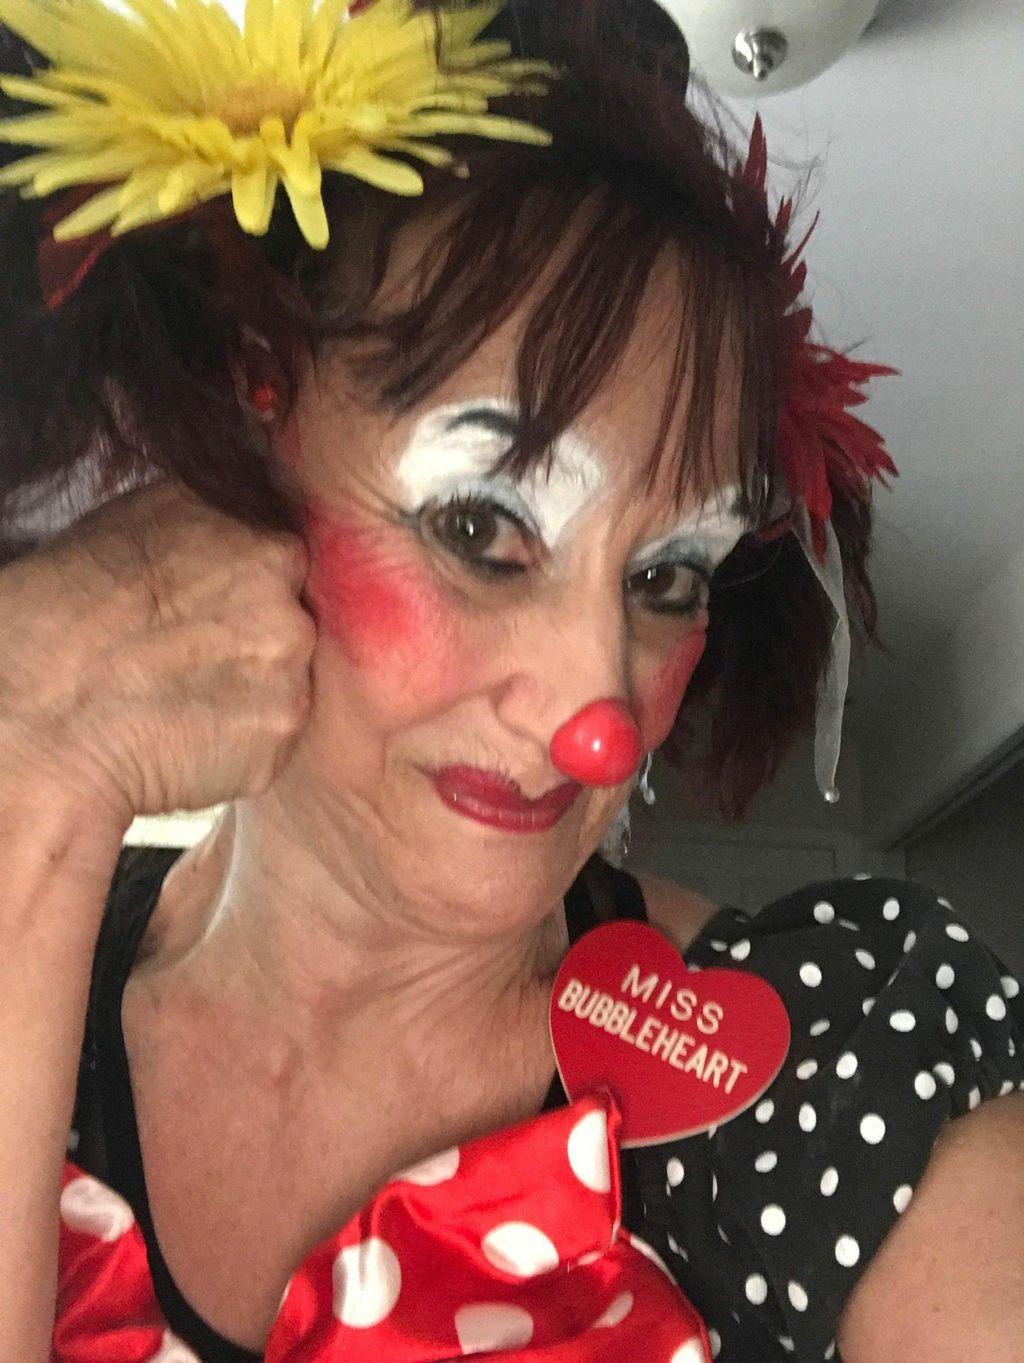 Joygems Clown Entertainment...Miss Bubbleheart